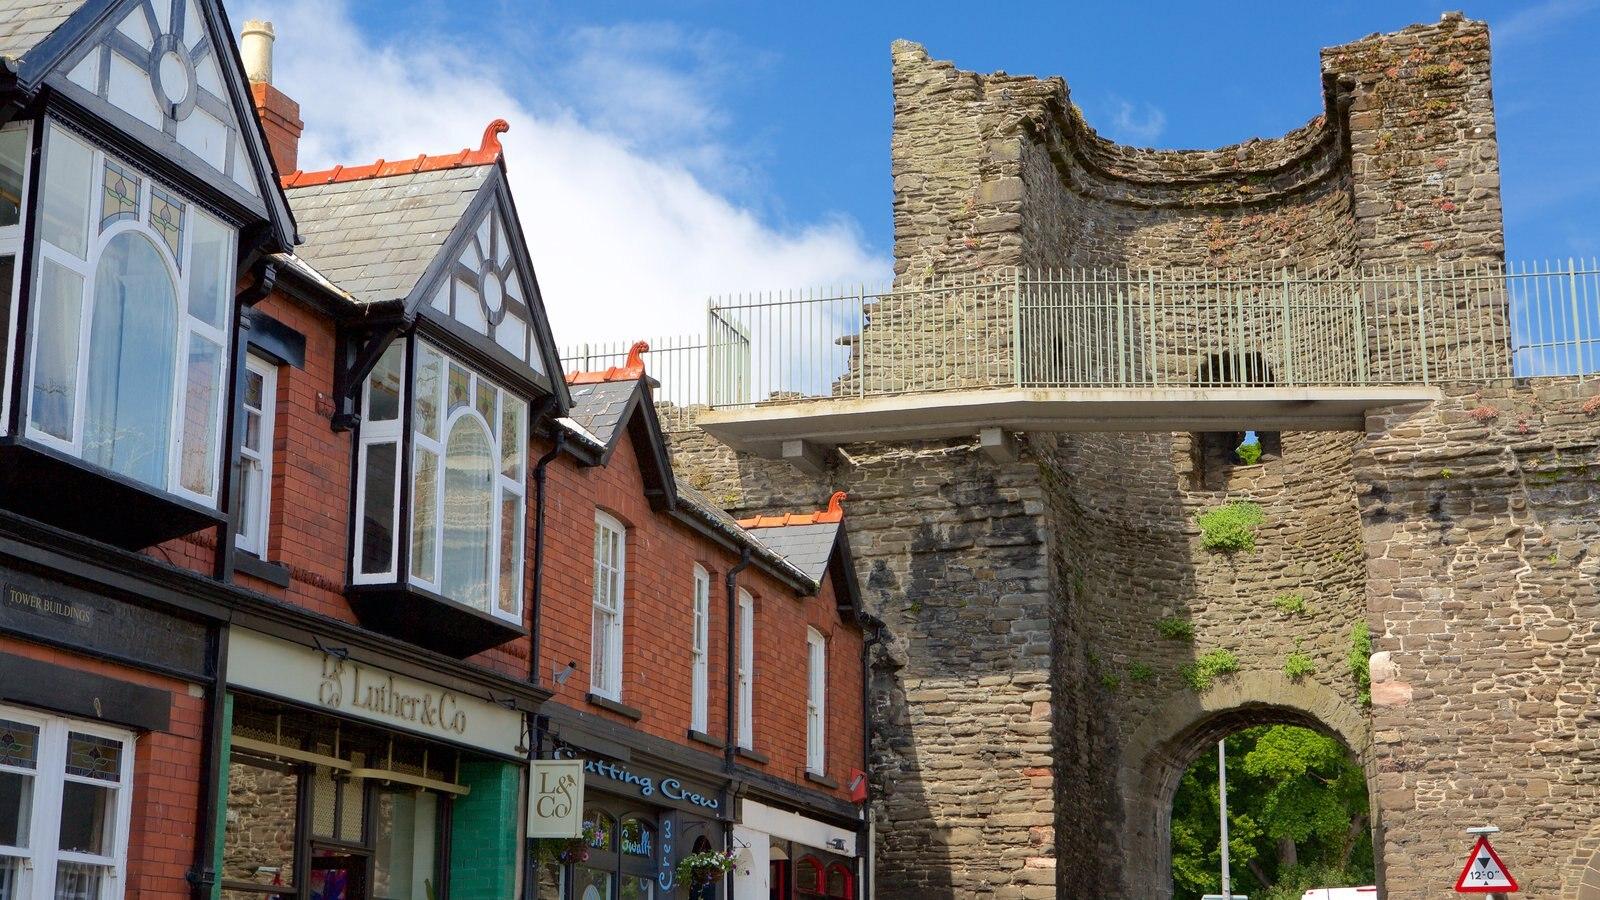 Conwy mostrando una ruina, una pequeña ciudad o pueblo y escenas urbanas